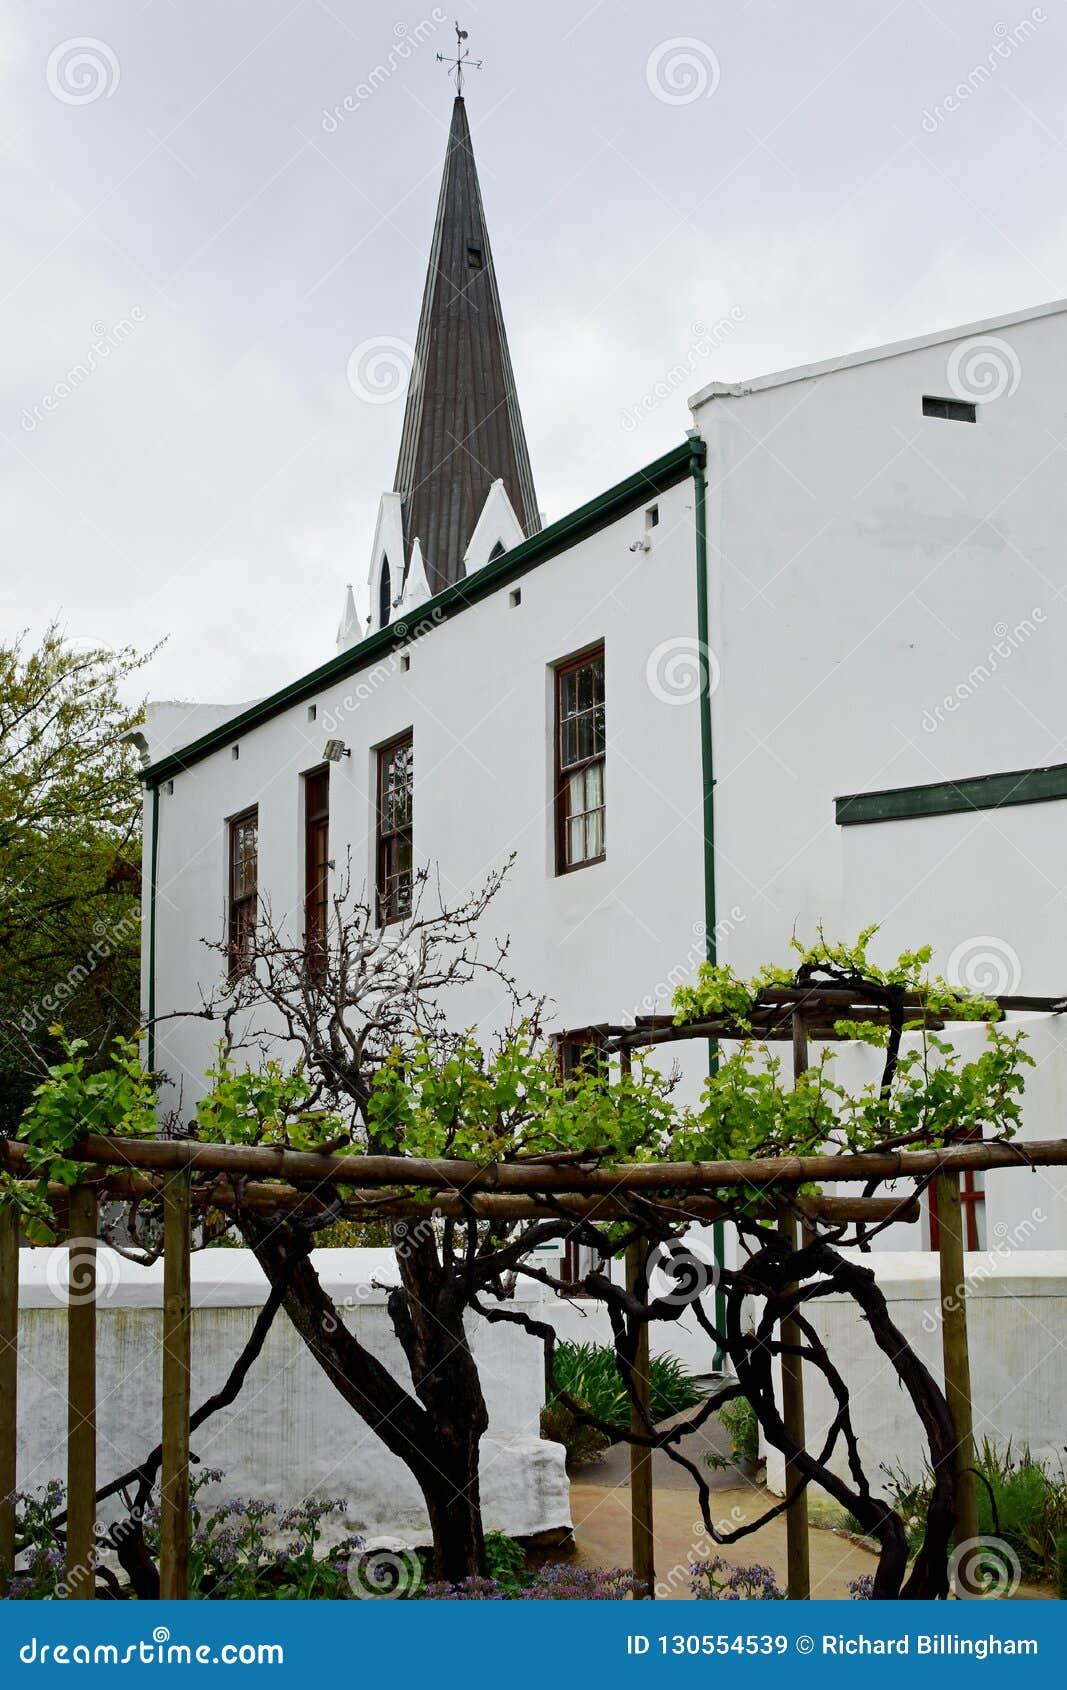 Historic Building, Stellenbosch, South Africa